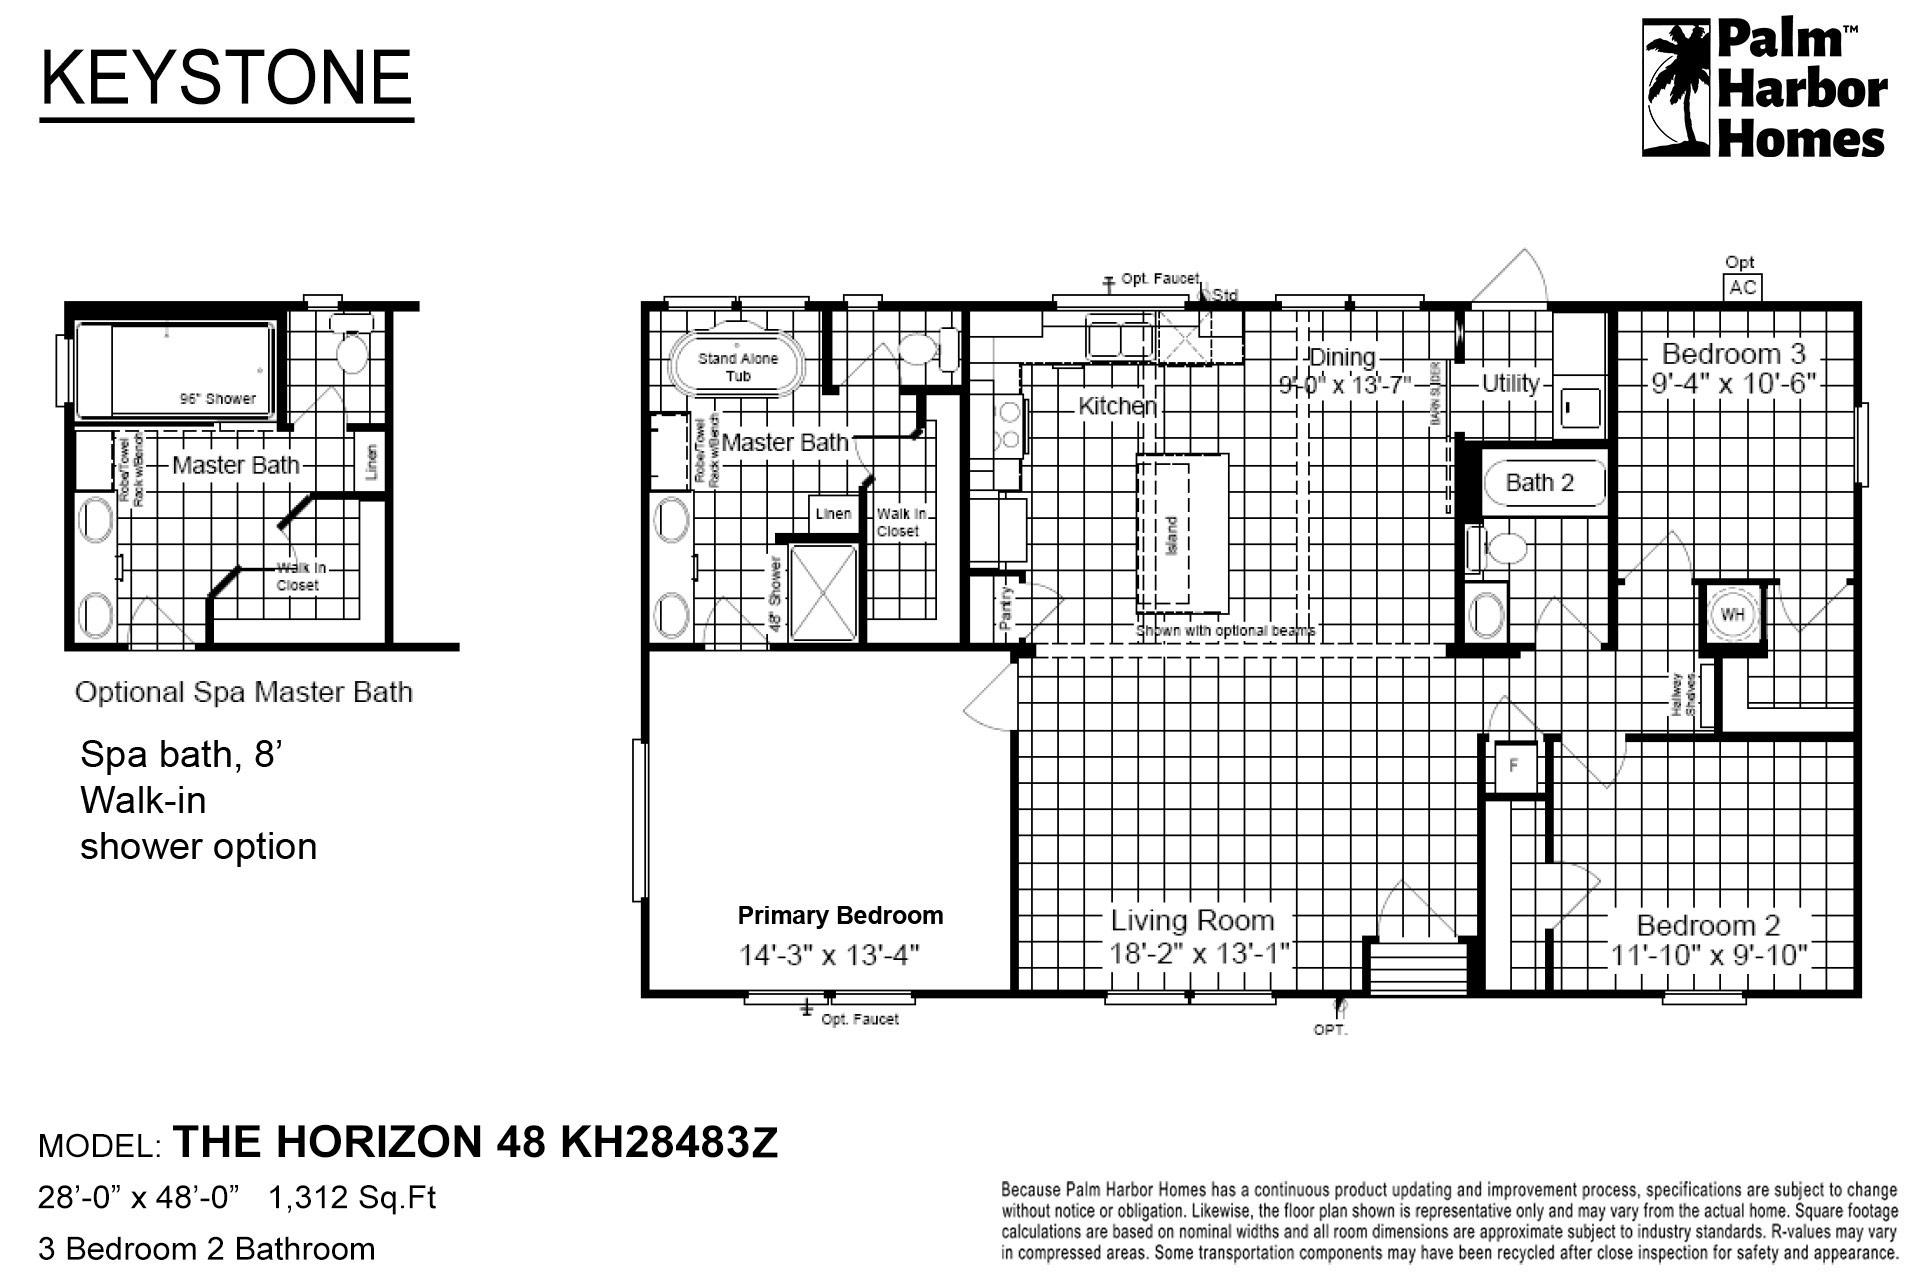 Keystone - The Horizon 48 Limited Edition KH28483Z